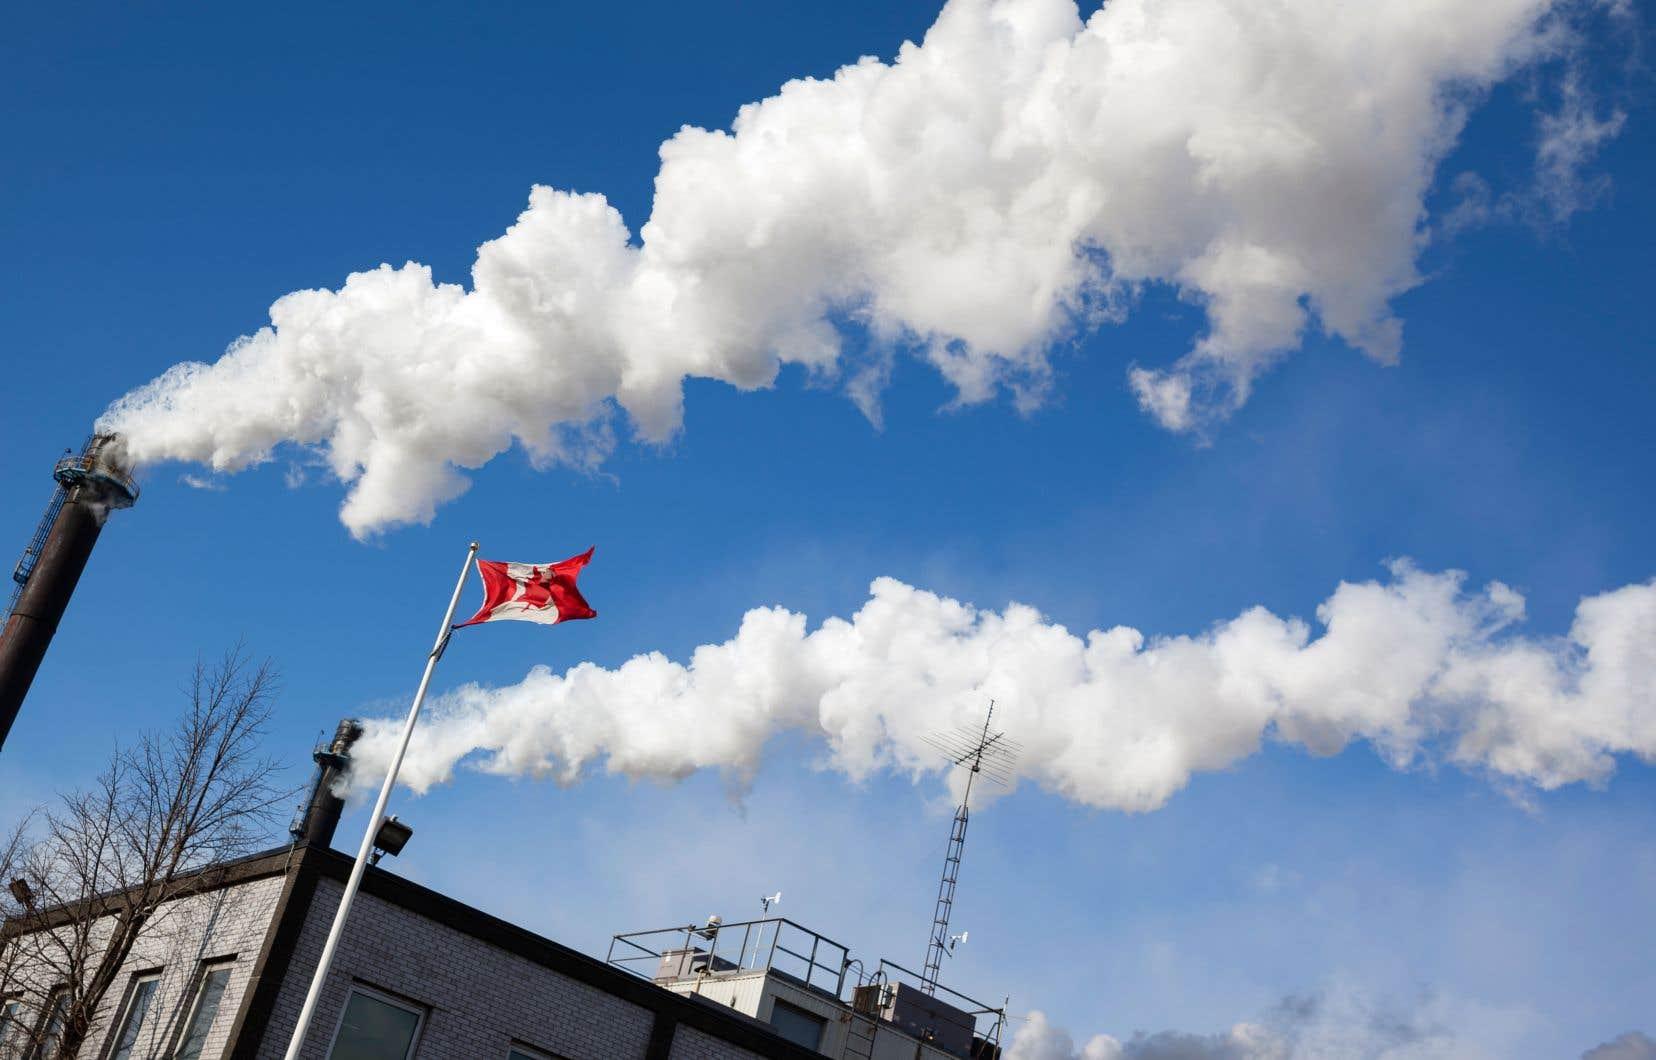 La Loi canadienne sur la protection de l'environnement (LCPE) régit la façon dont le Canada gère les produits chimiques toxiques et la pollution atmosphérique.